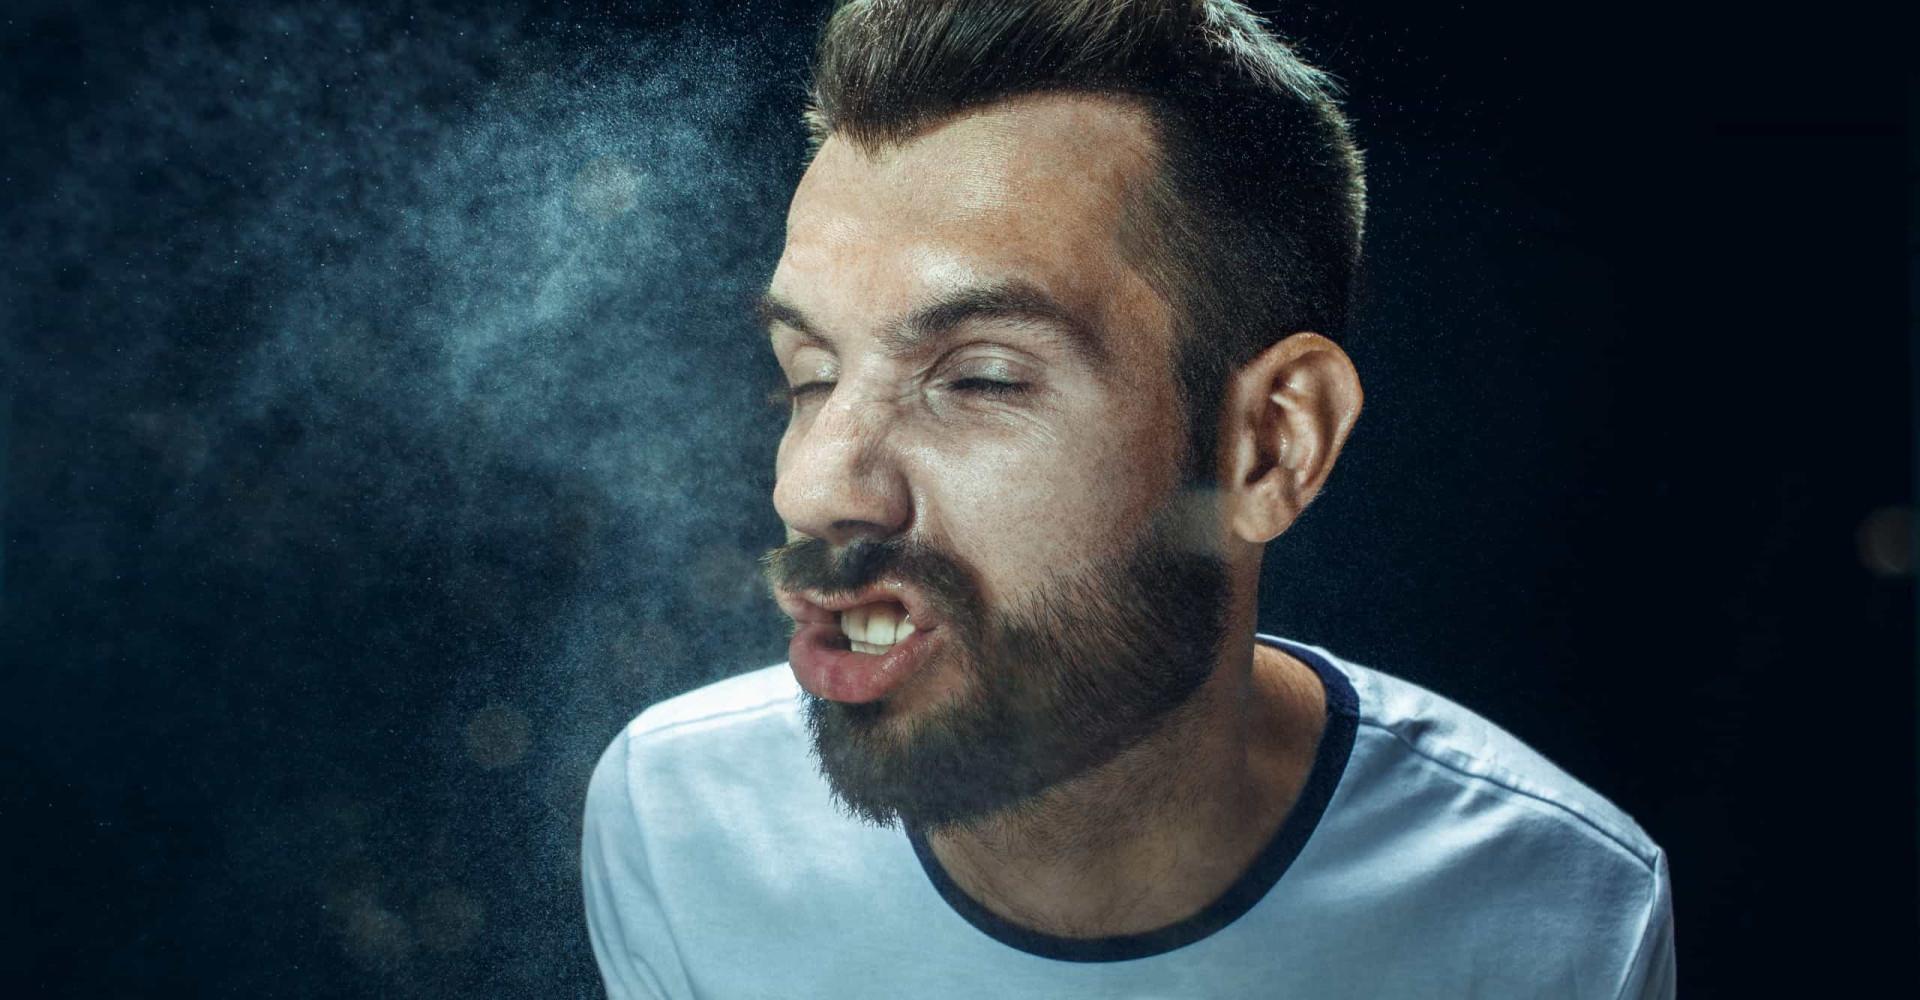 Wat de manier waarop je niest zegt over je persoonlijkheid